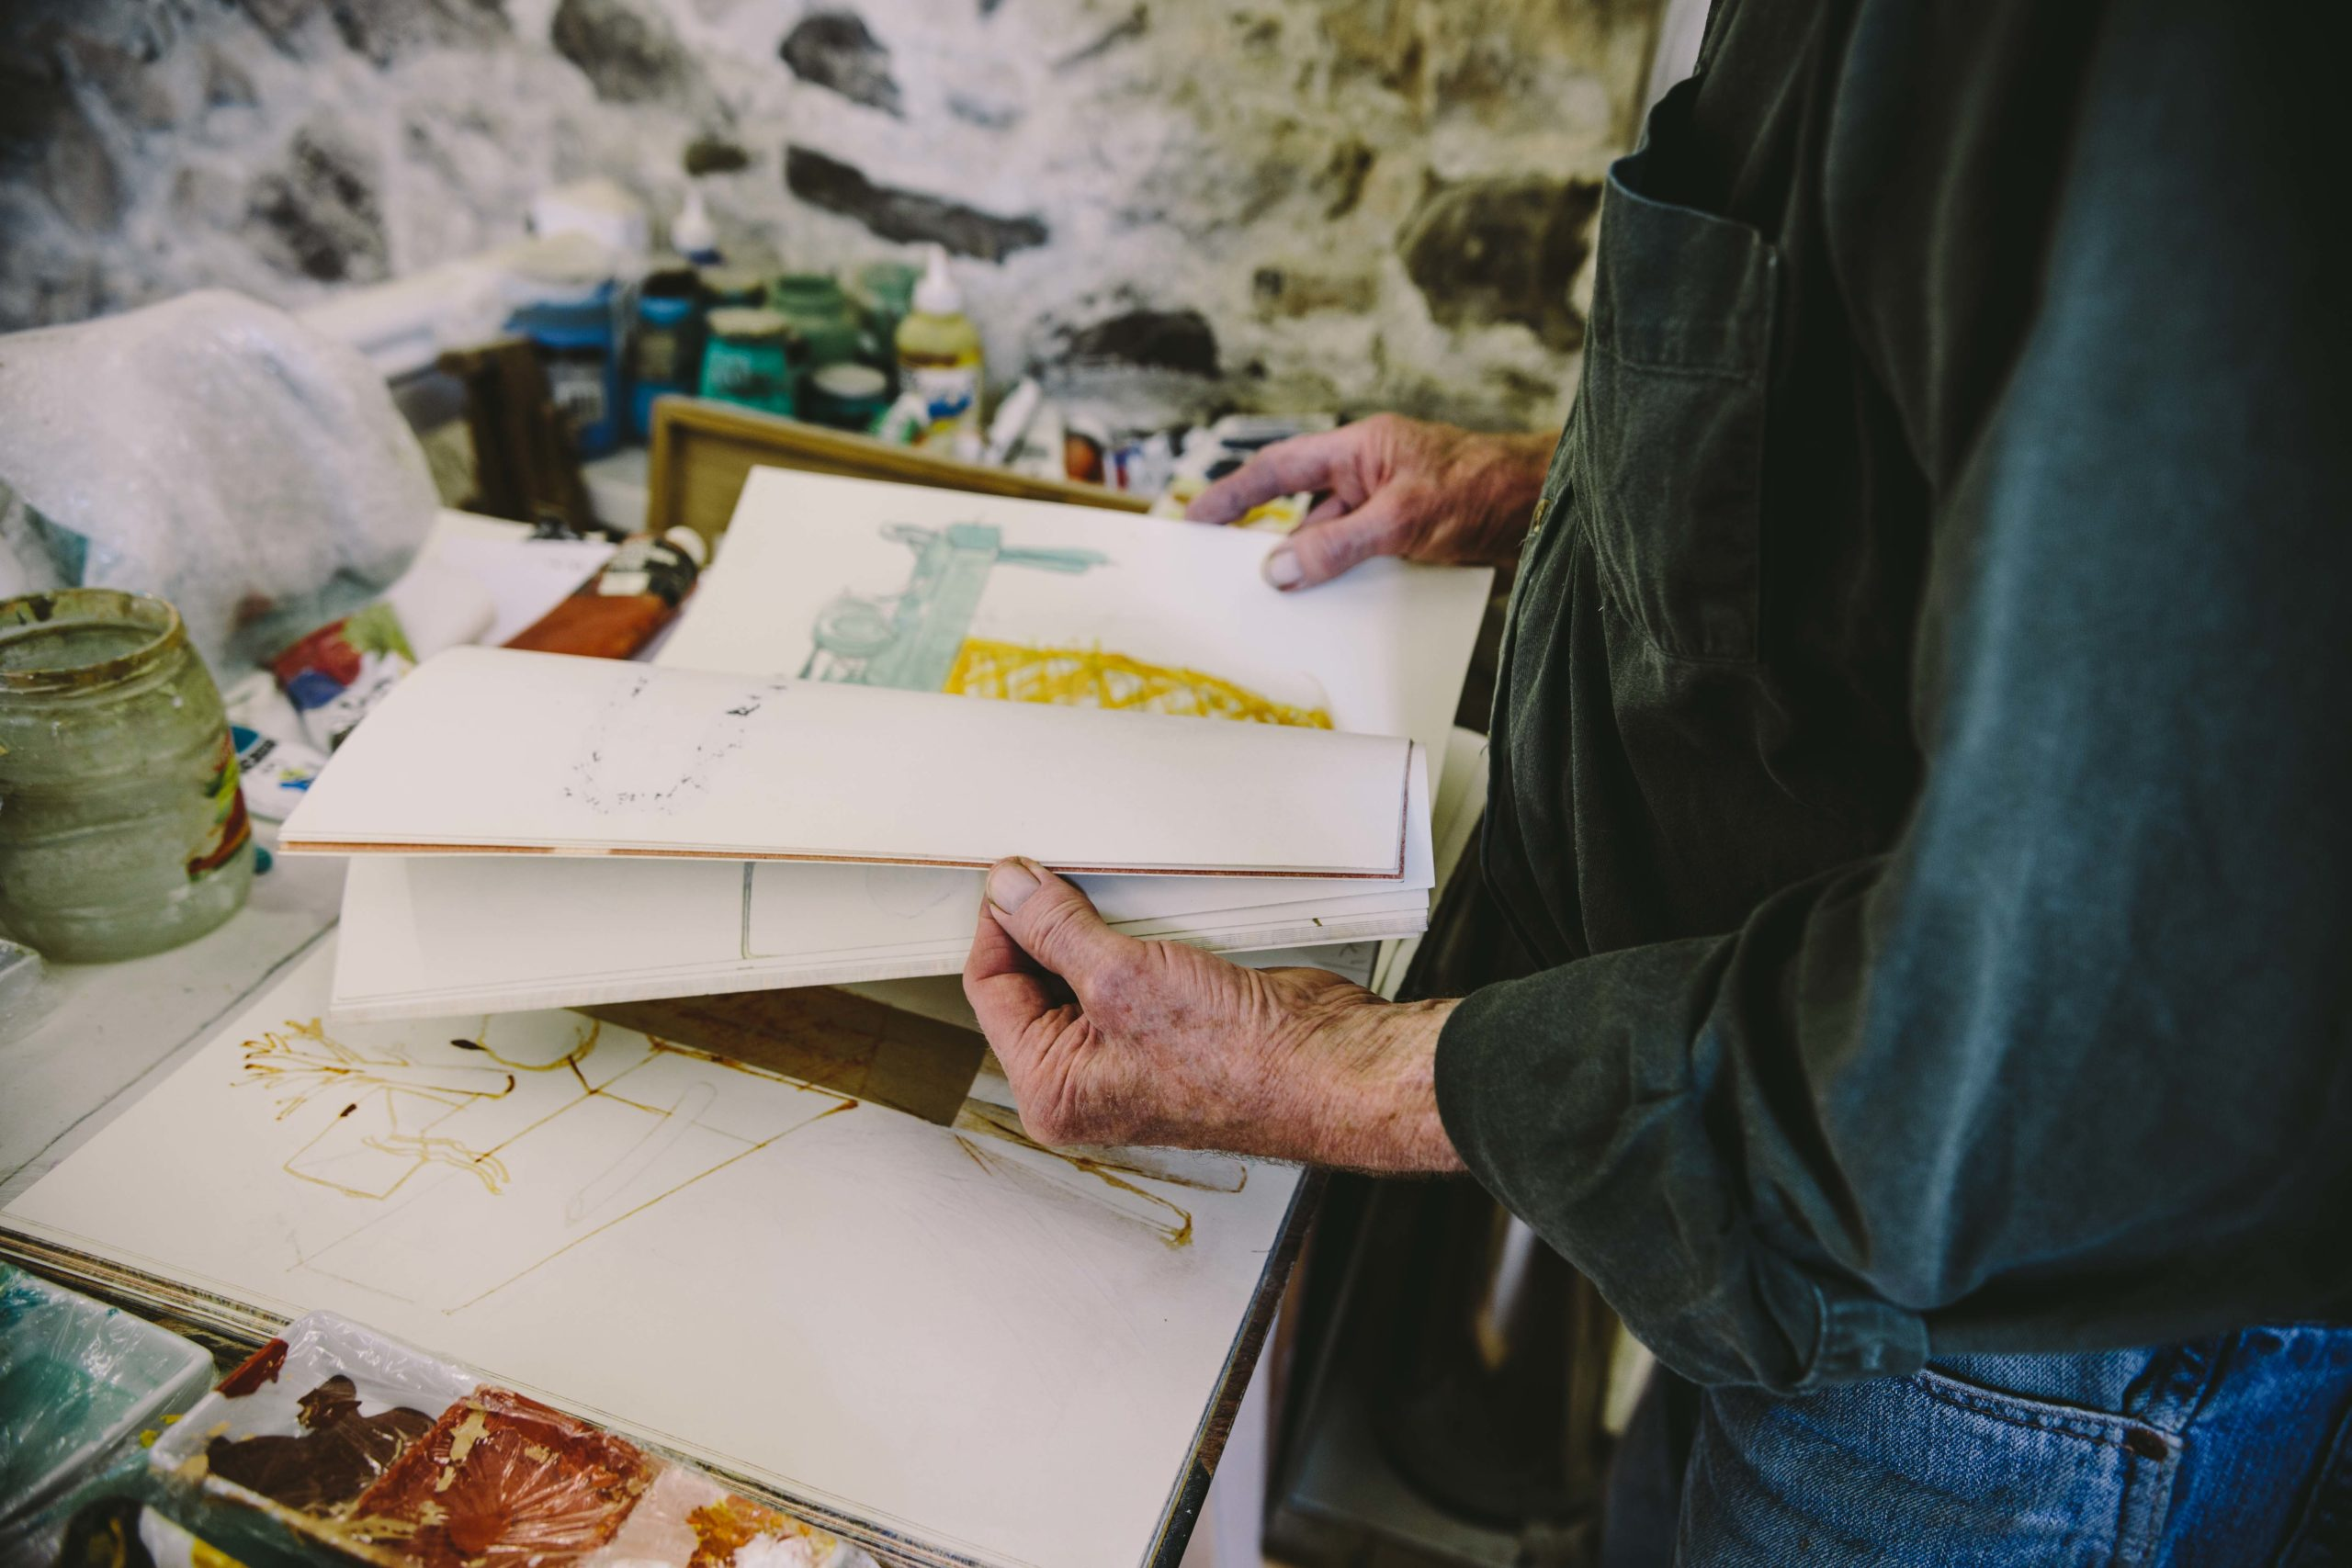 David King flicking through sketchbook